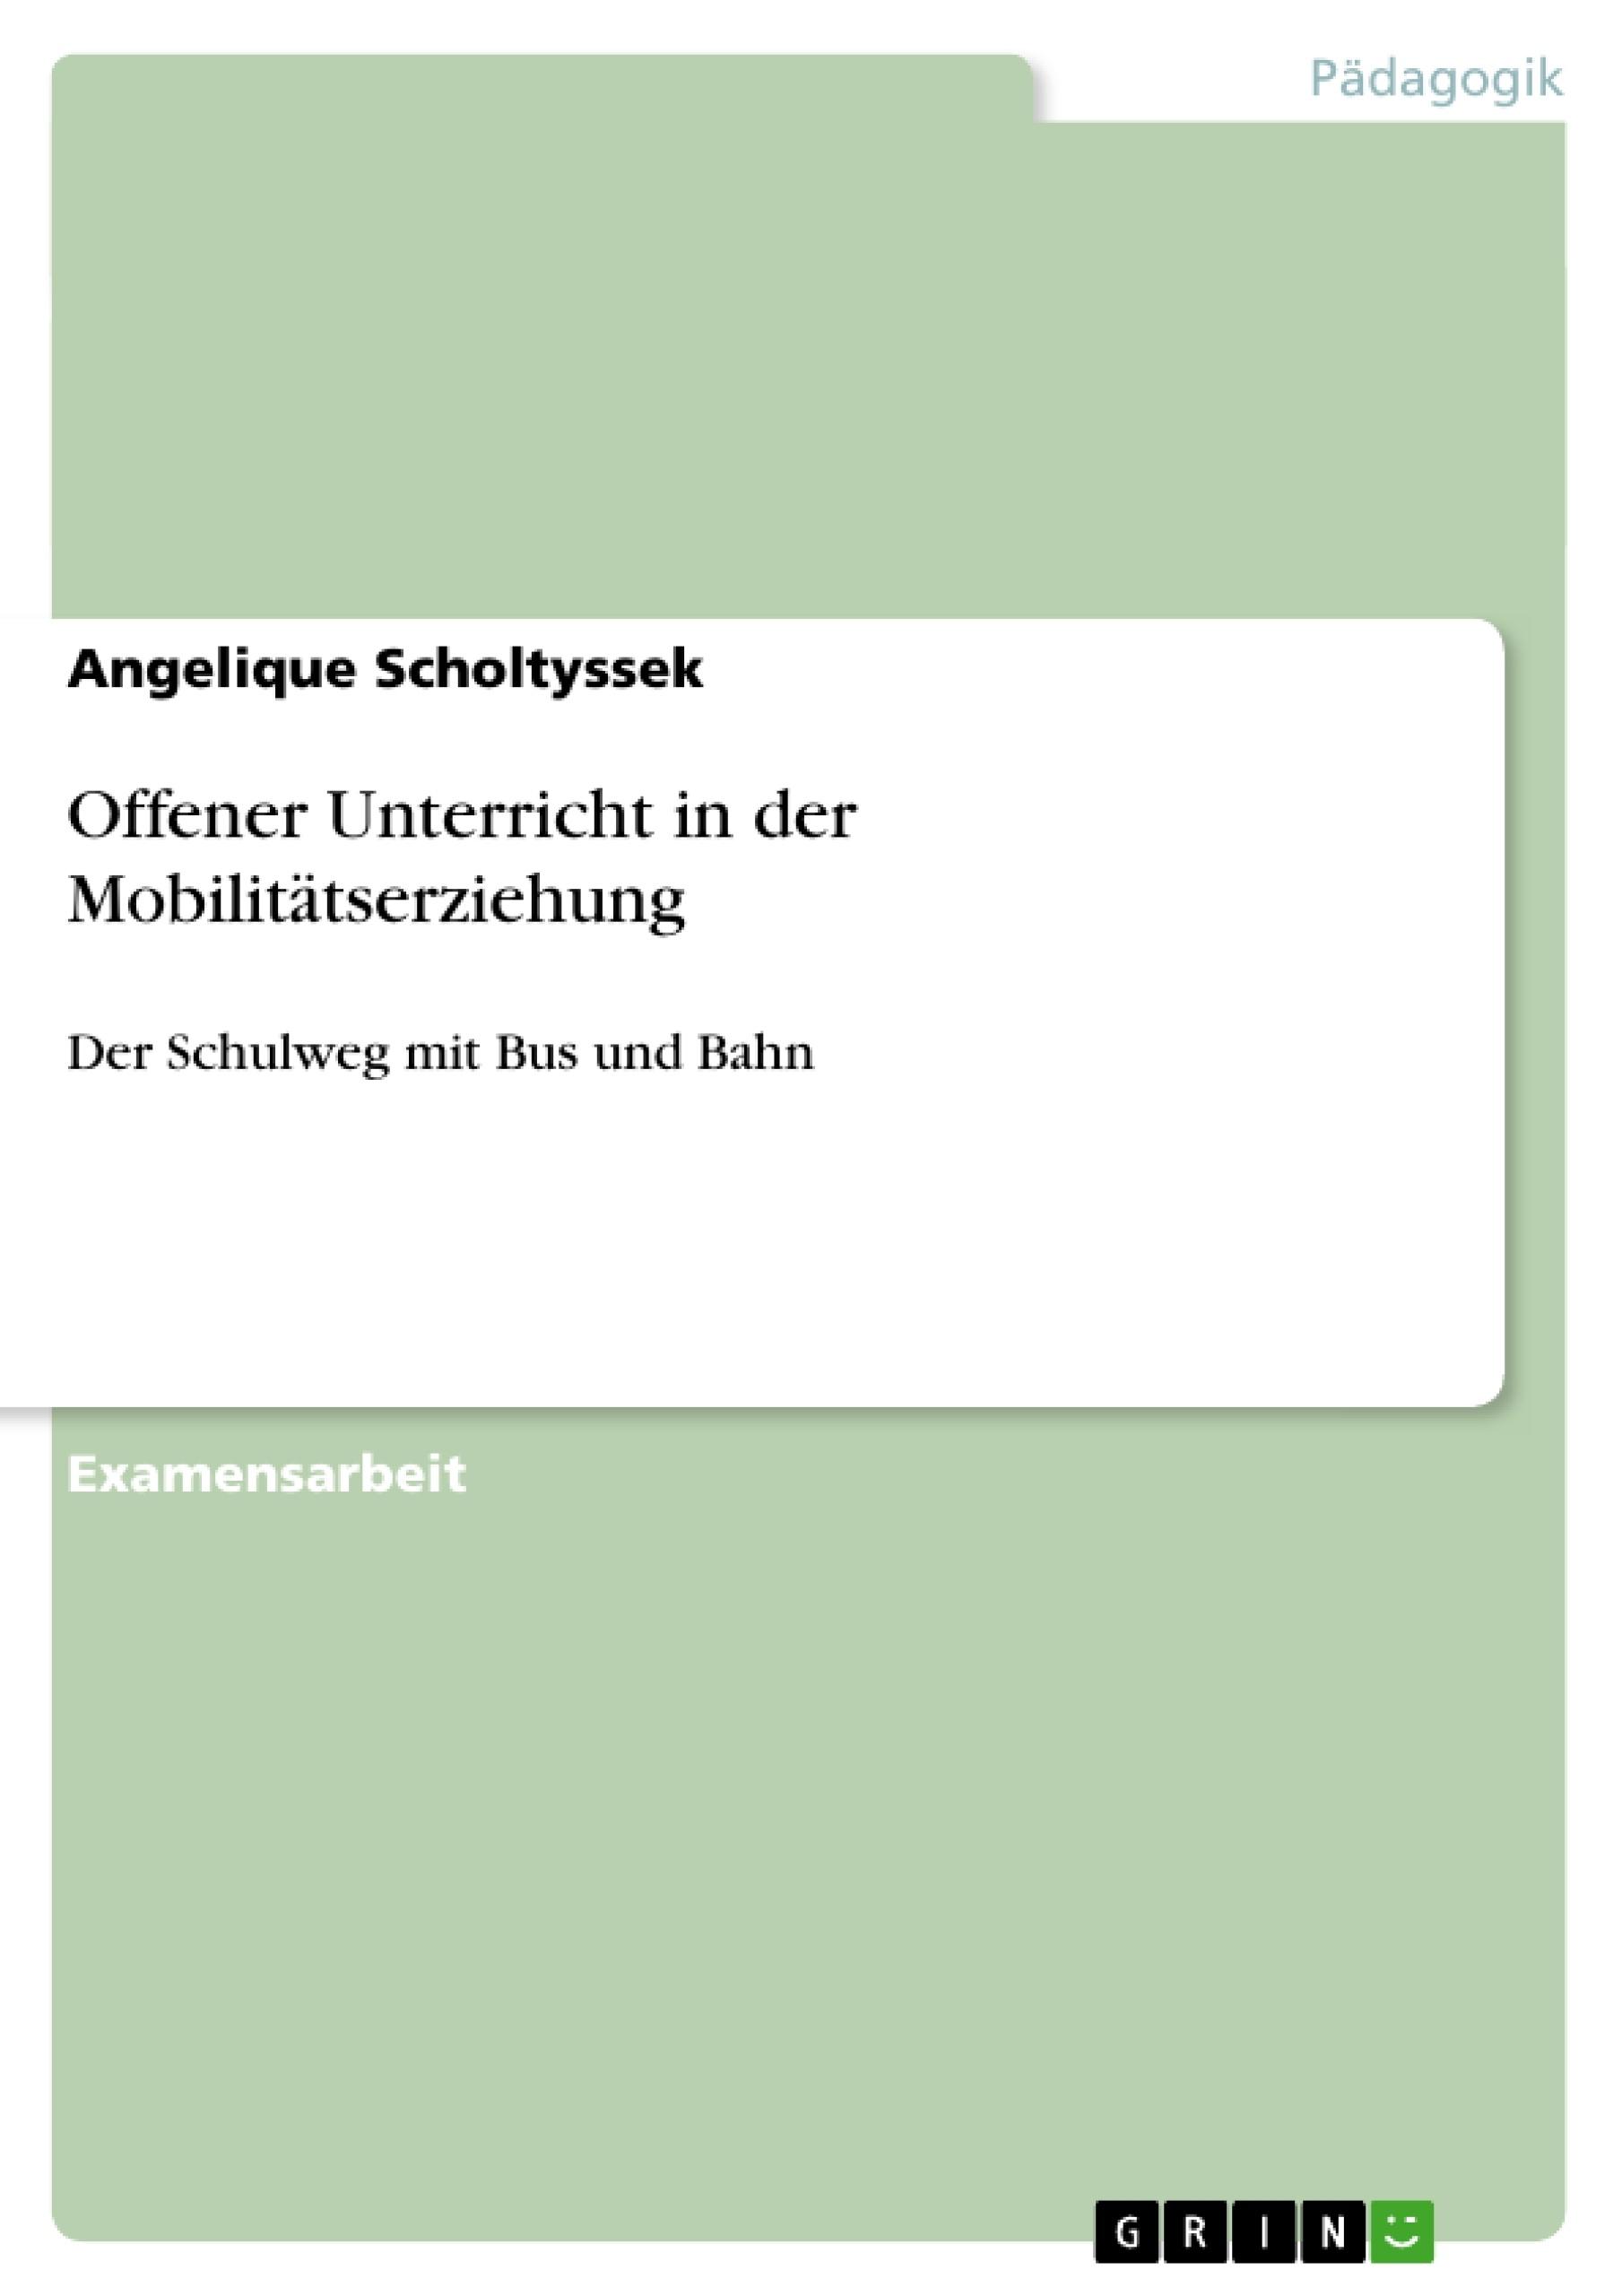 Titel: Offener Unterricht in der Mobilitätserziehung